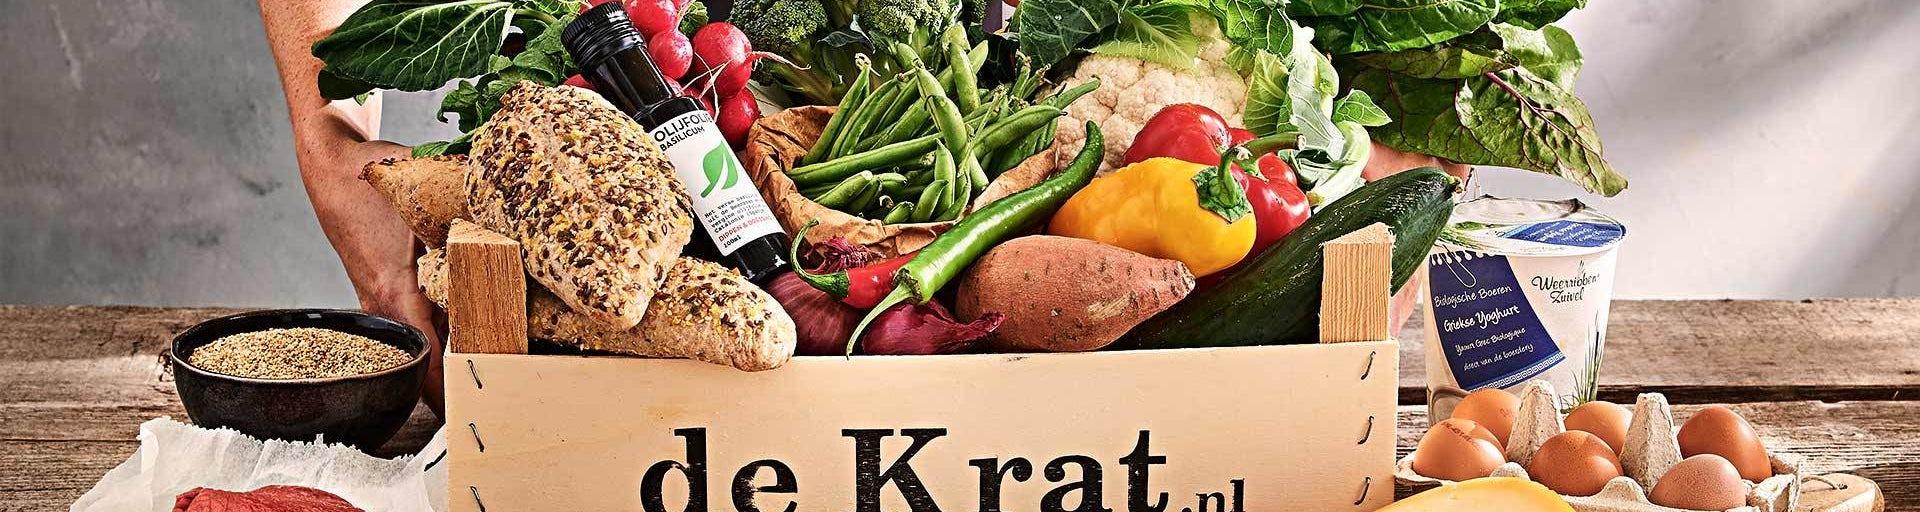 Maaltijdbox recept hotdog met gegrilde groenten